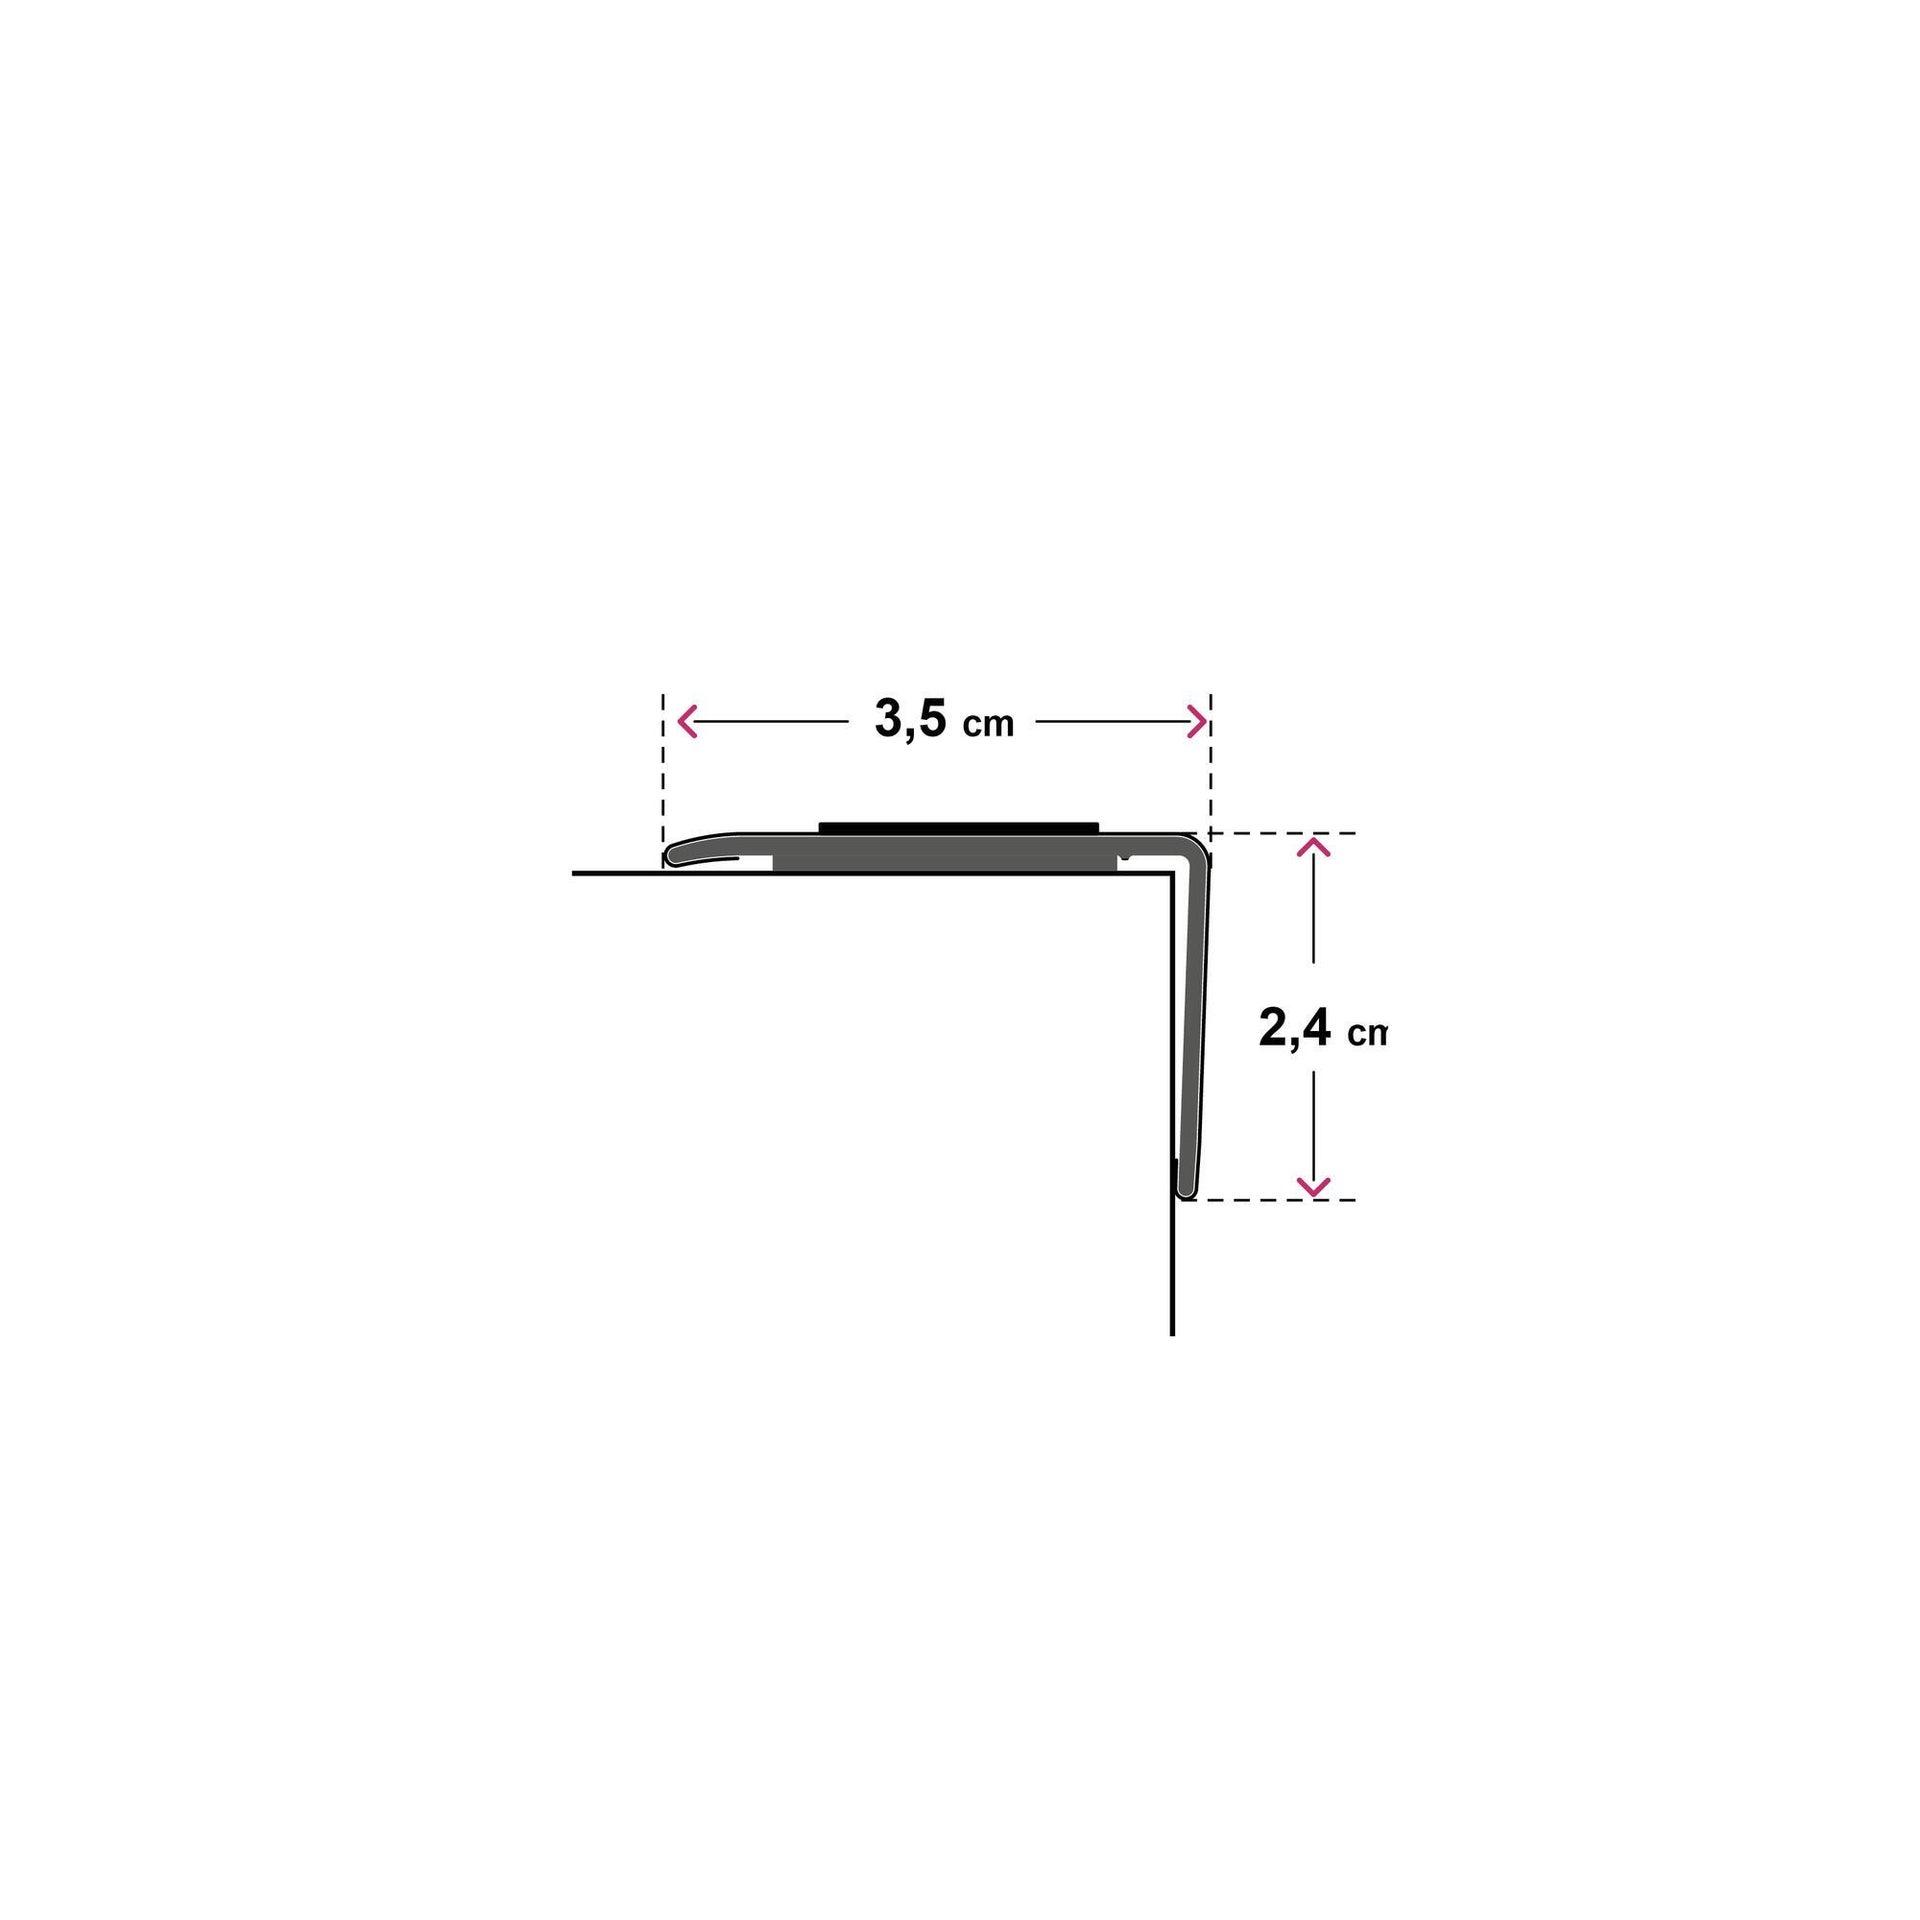 Profilo soglia simple-fix 38 36 mm x 95 cm - 6